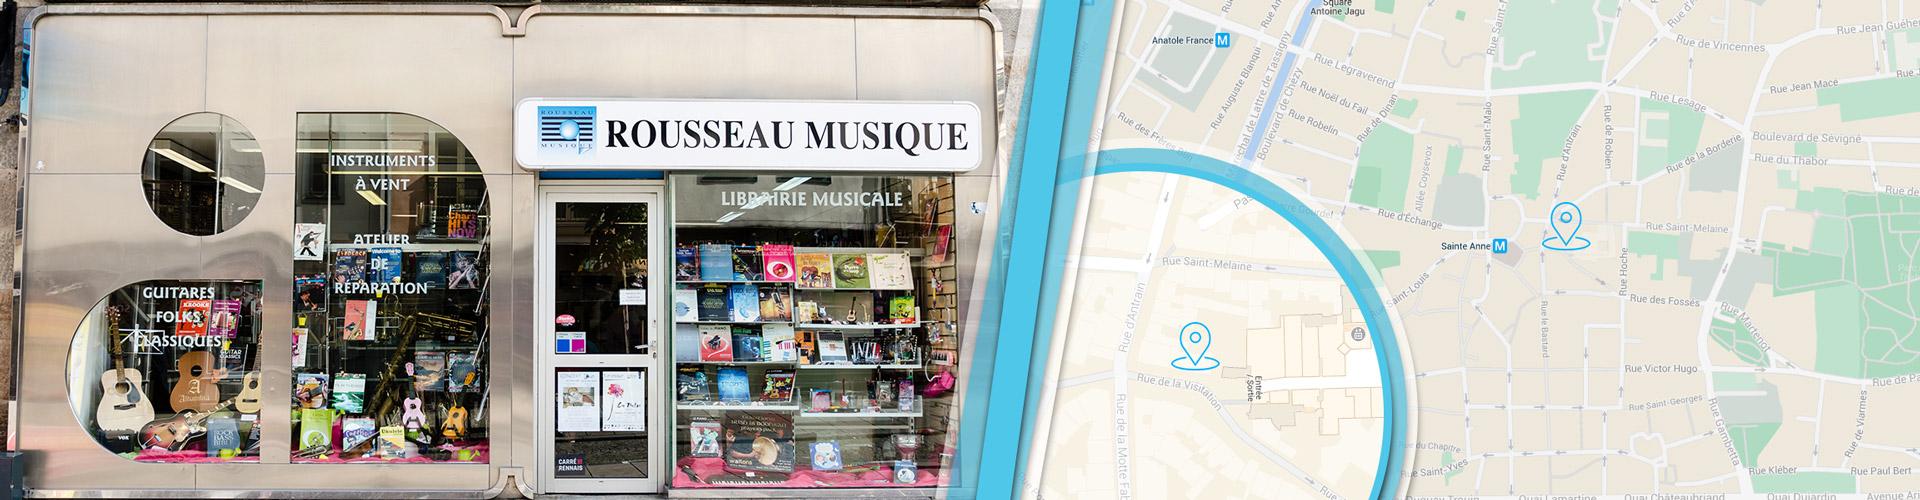 Un magasin au cœur de Rennes : à côté du centre commercial La Visitation Rousseau Musique